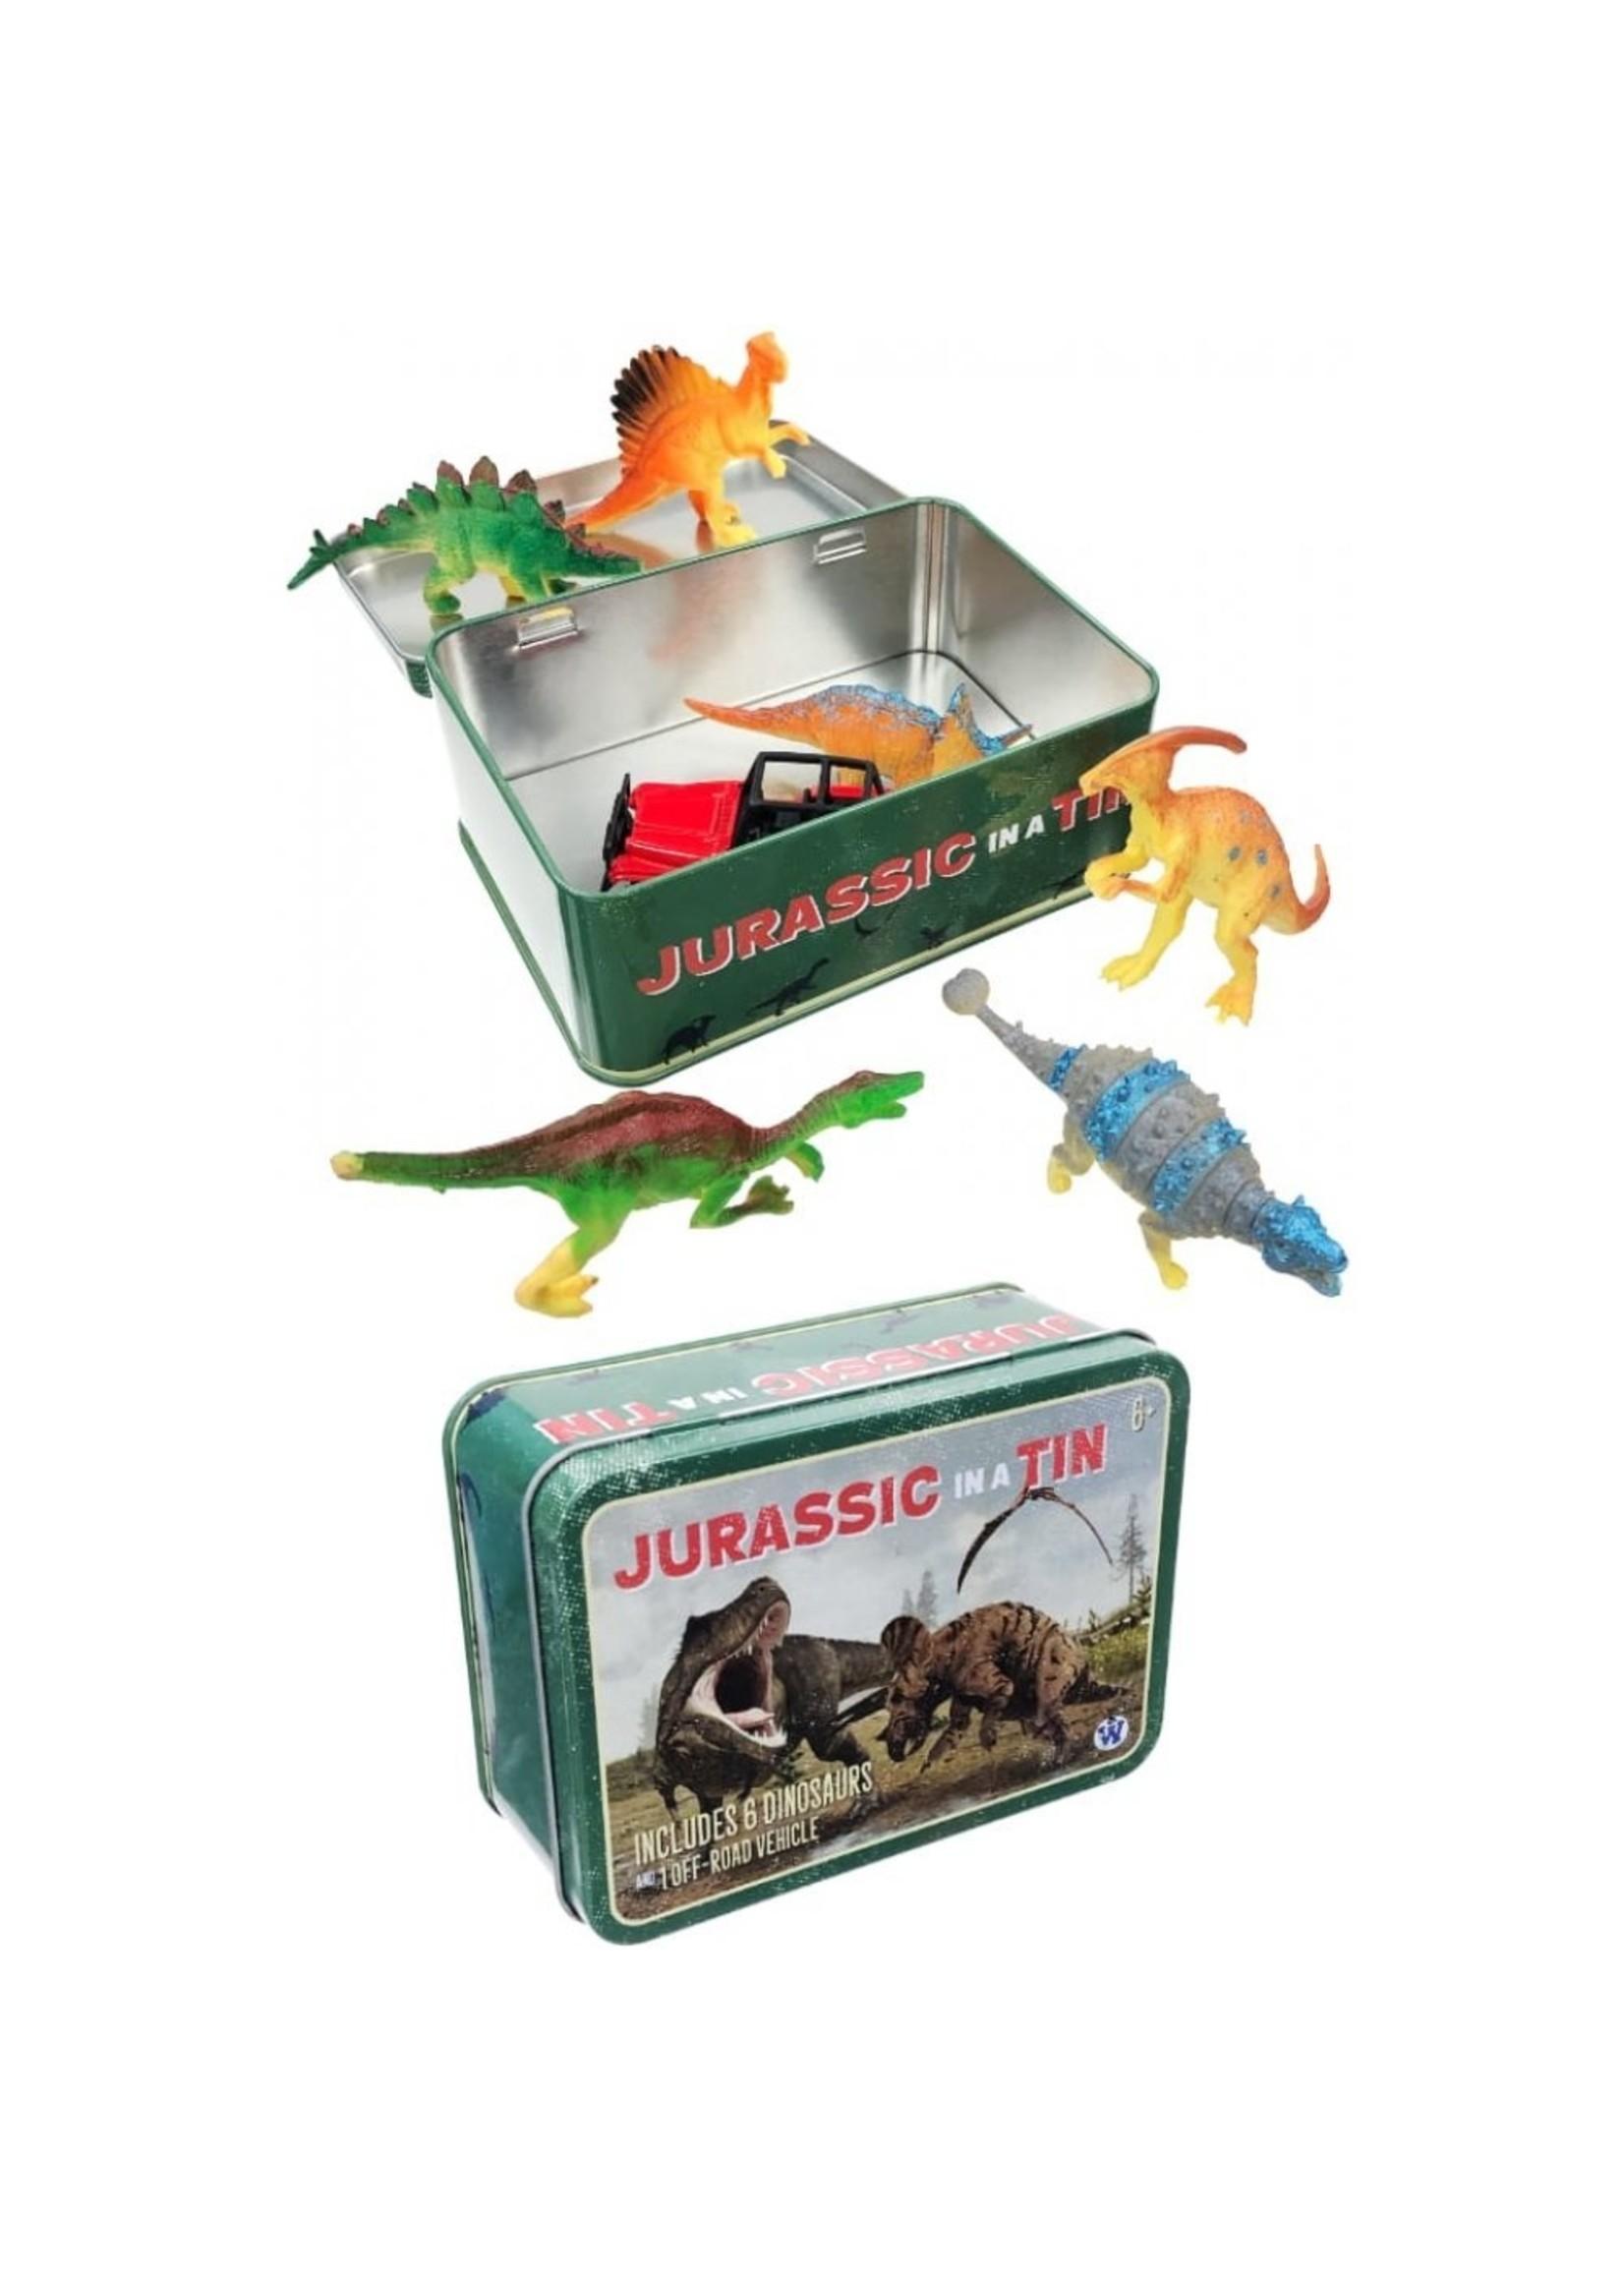 Jurassic in a Tin